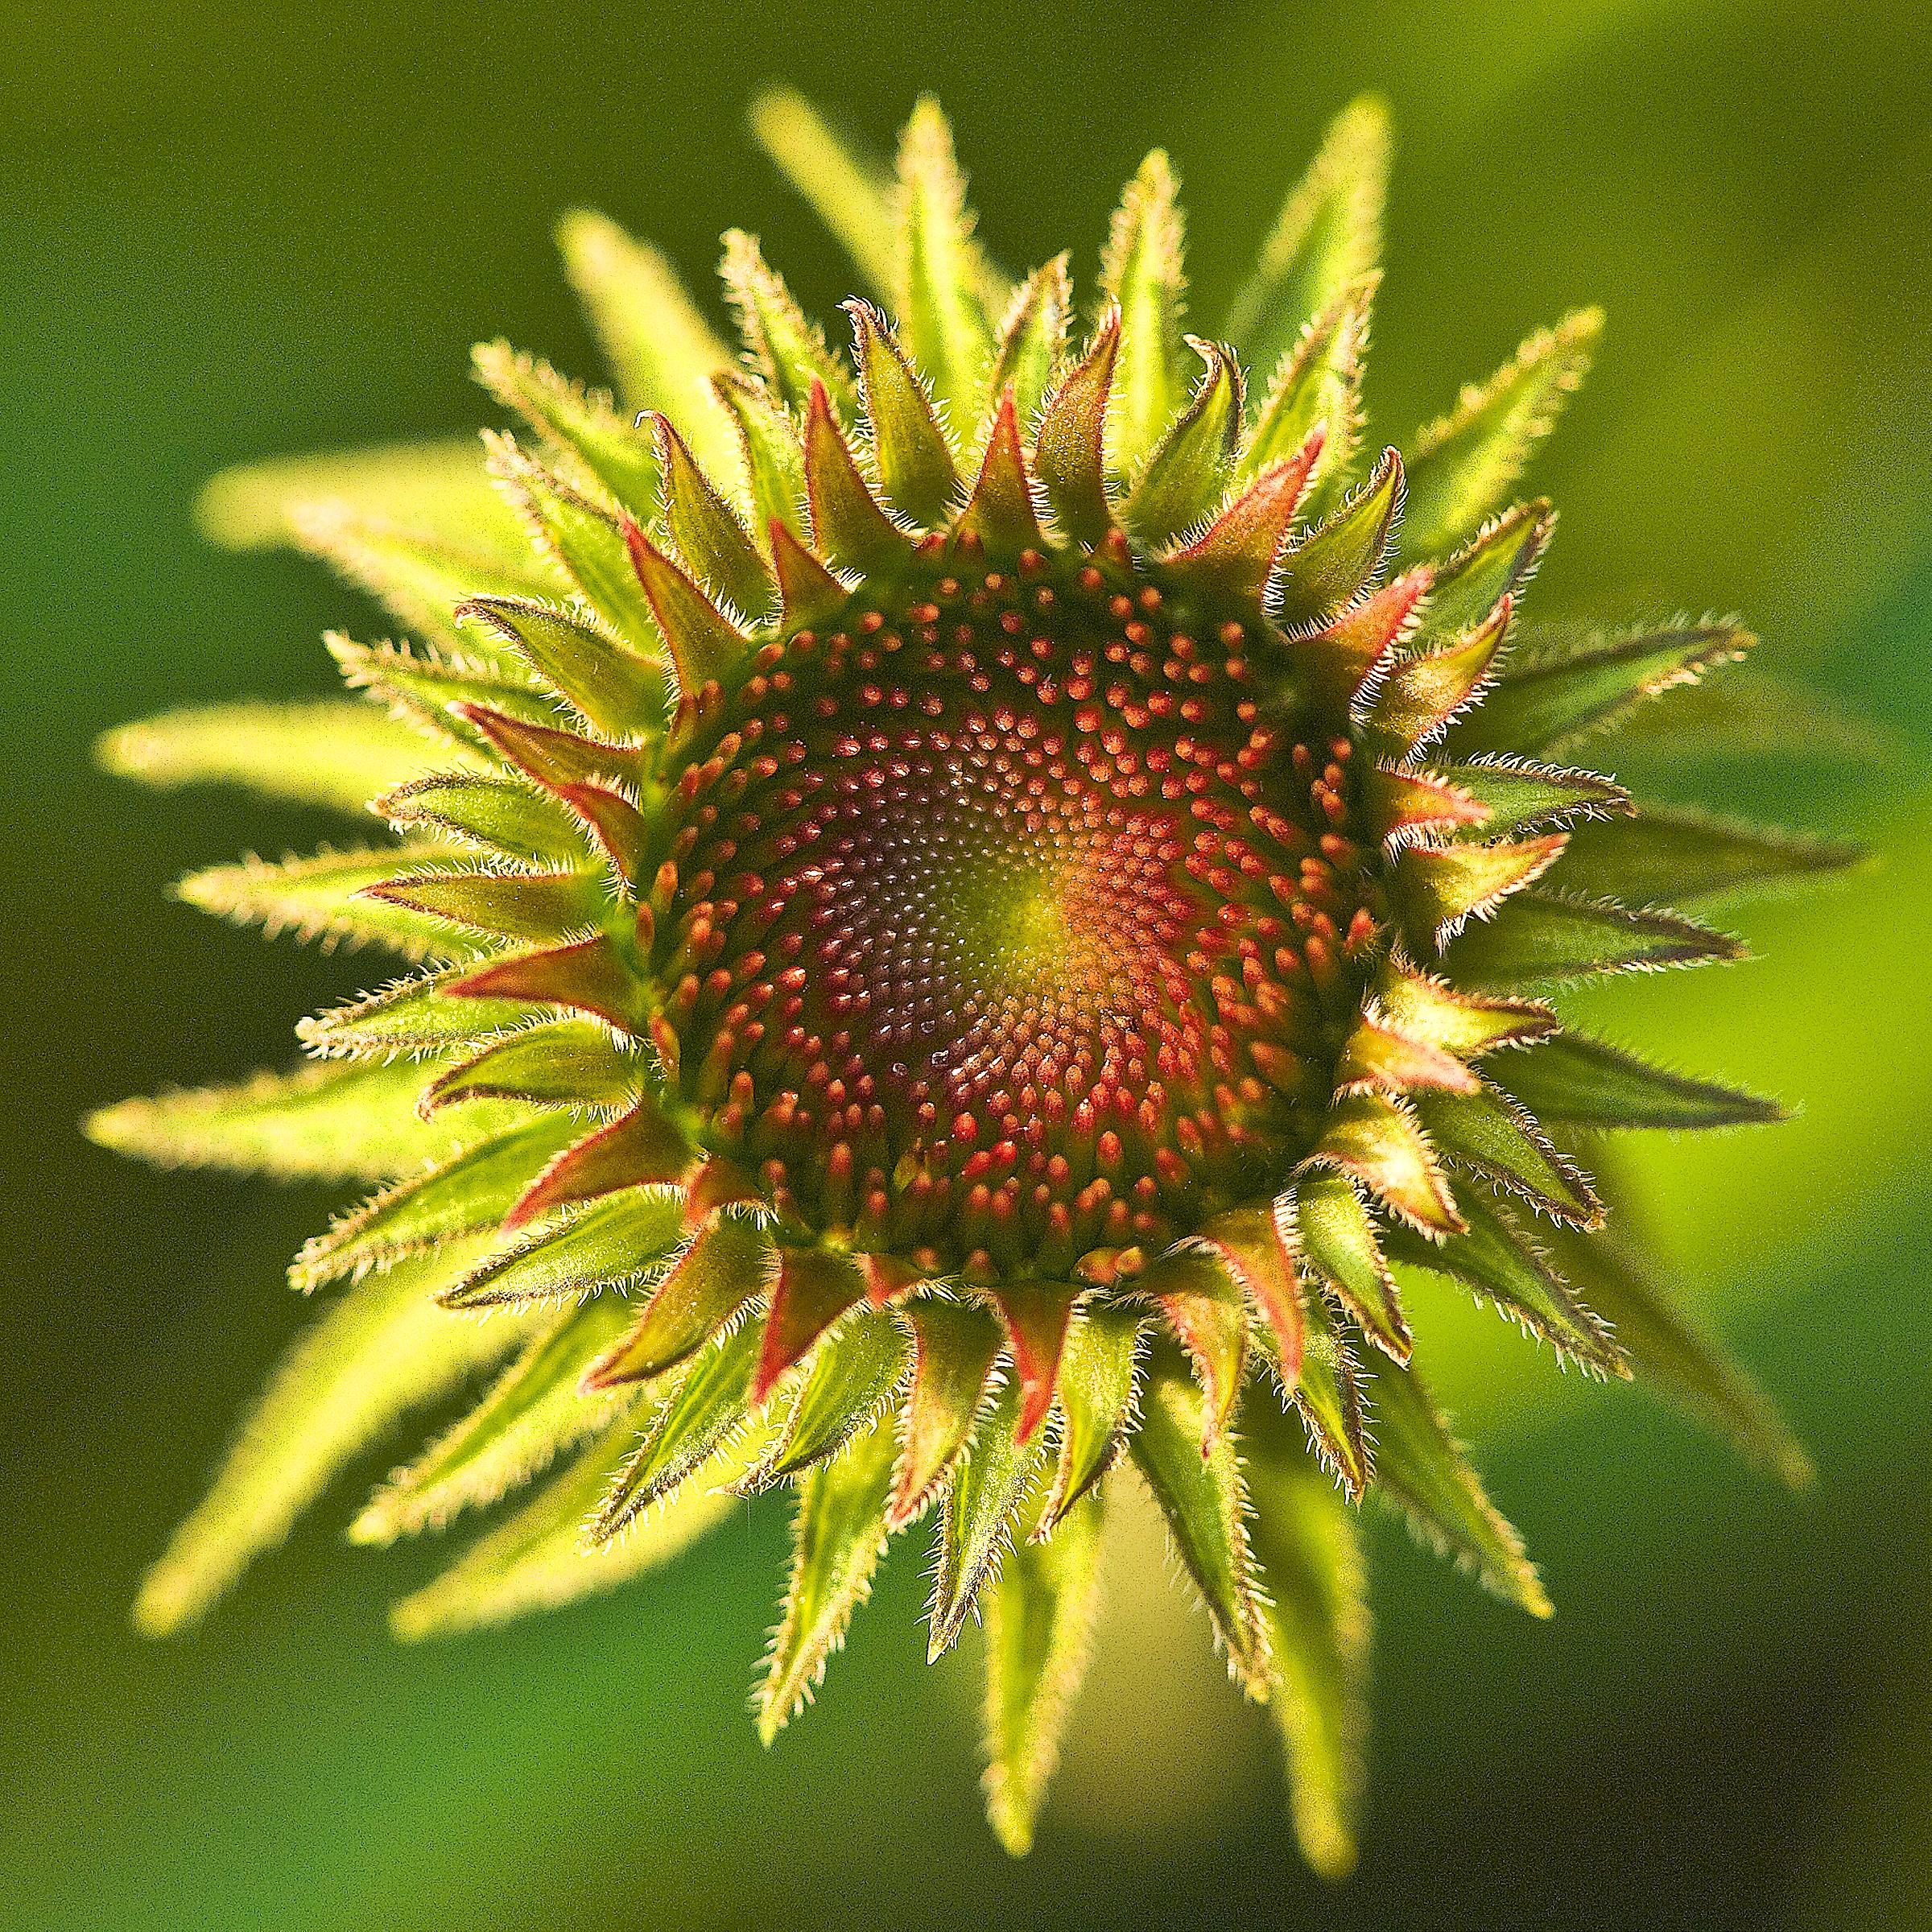 Echinaceasquared.jpg